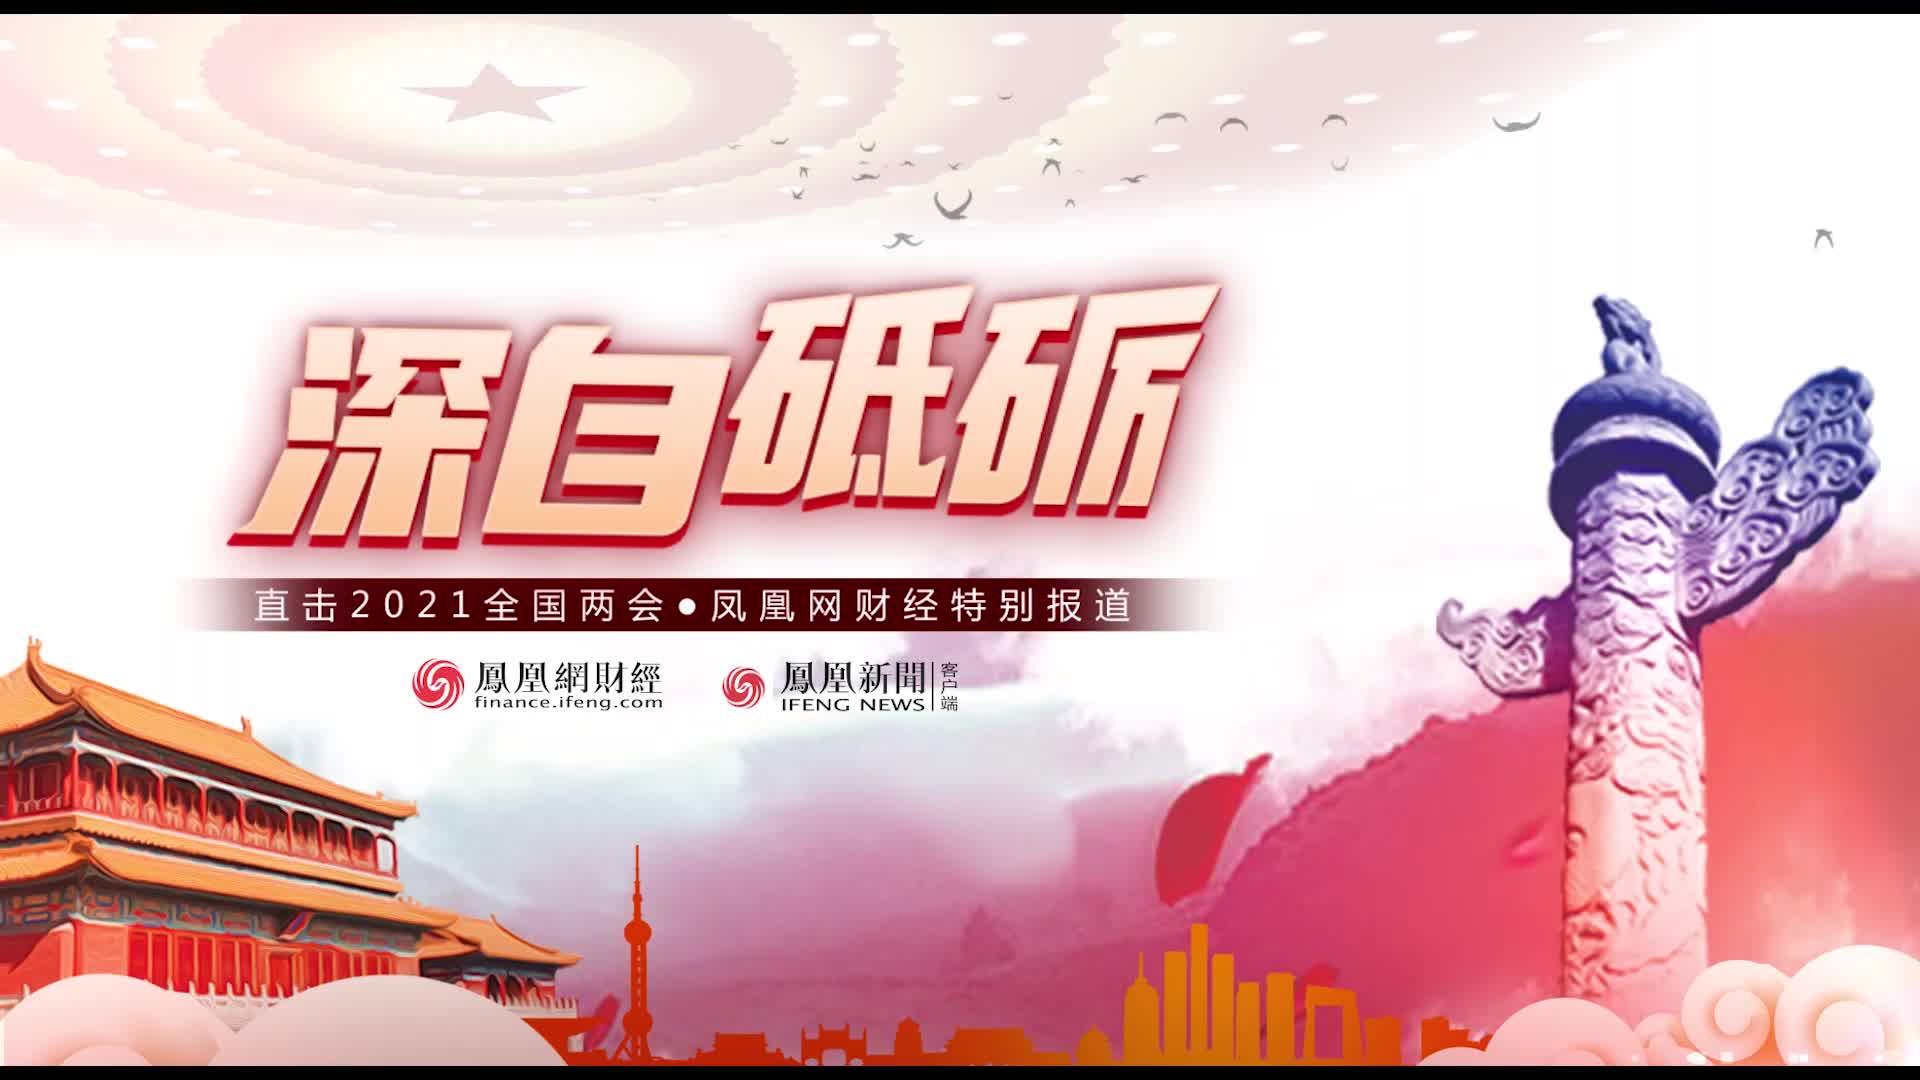 聚焦两会 新希望董事长刘永好:民营企业要积极投身乡村振兴